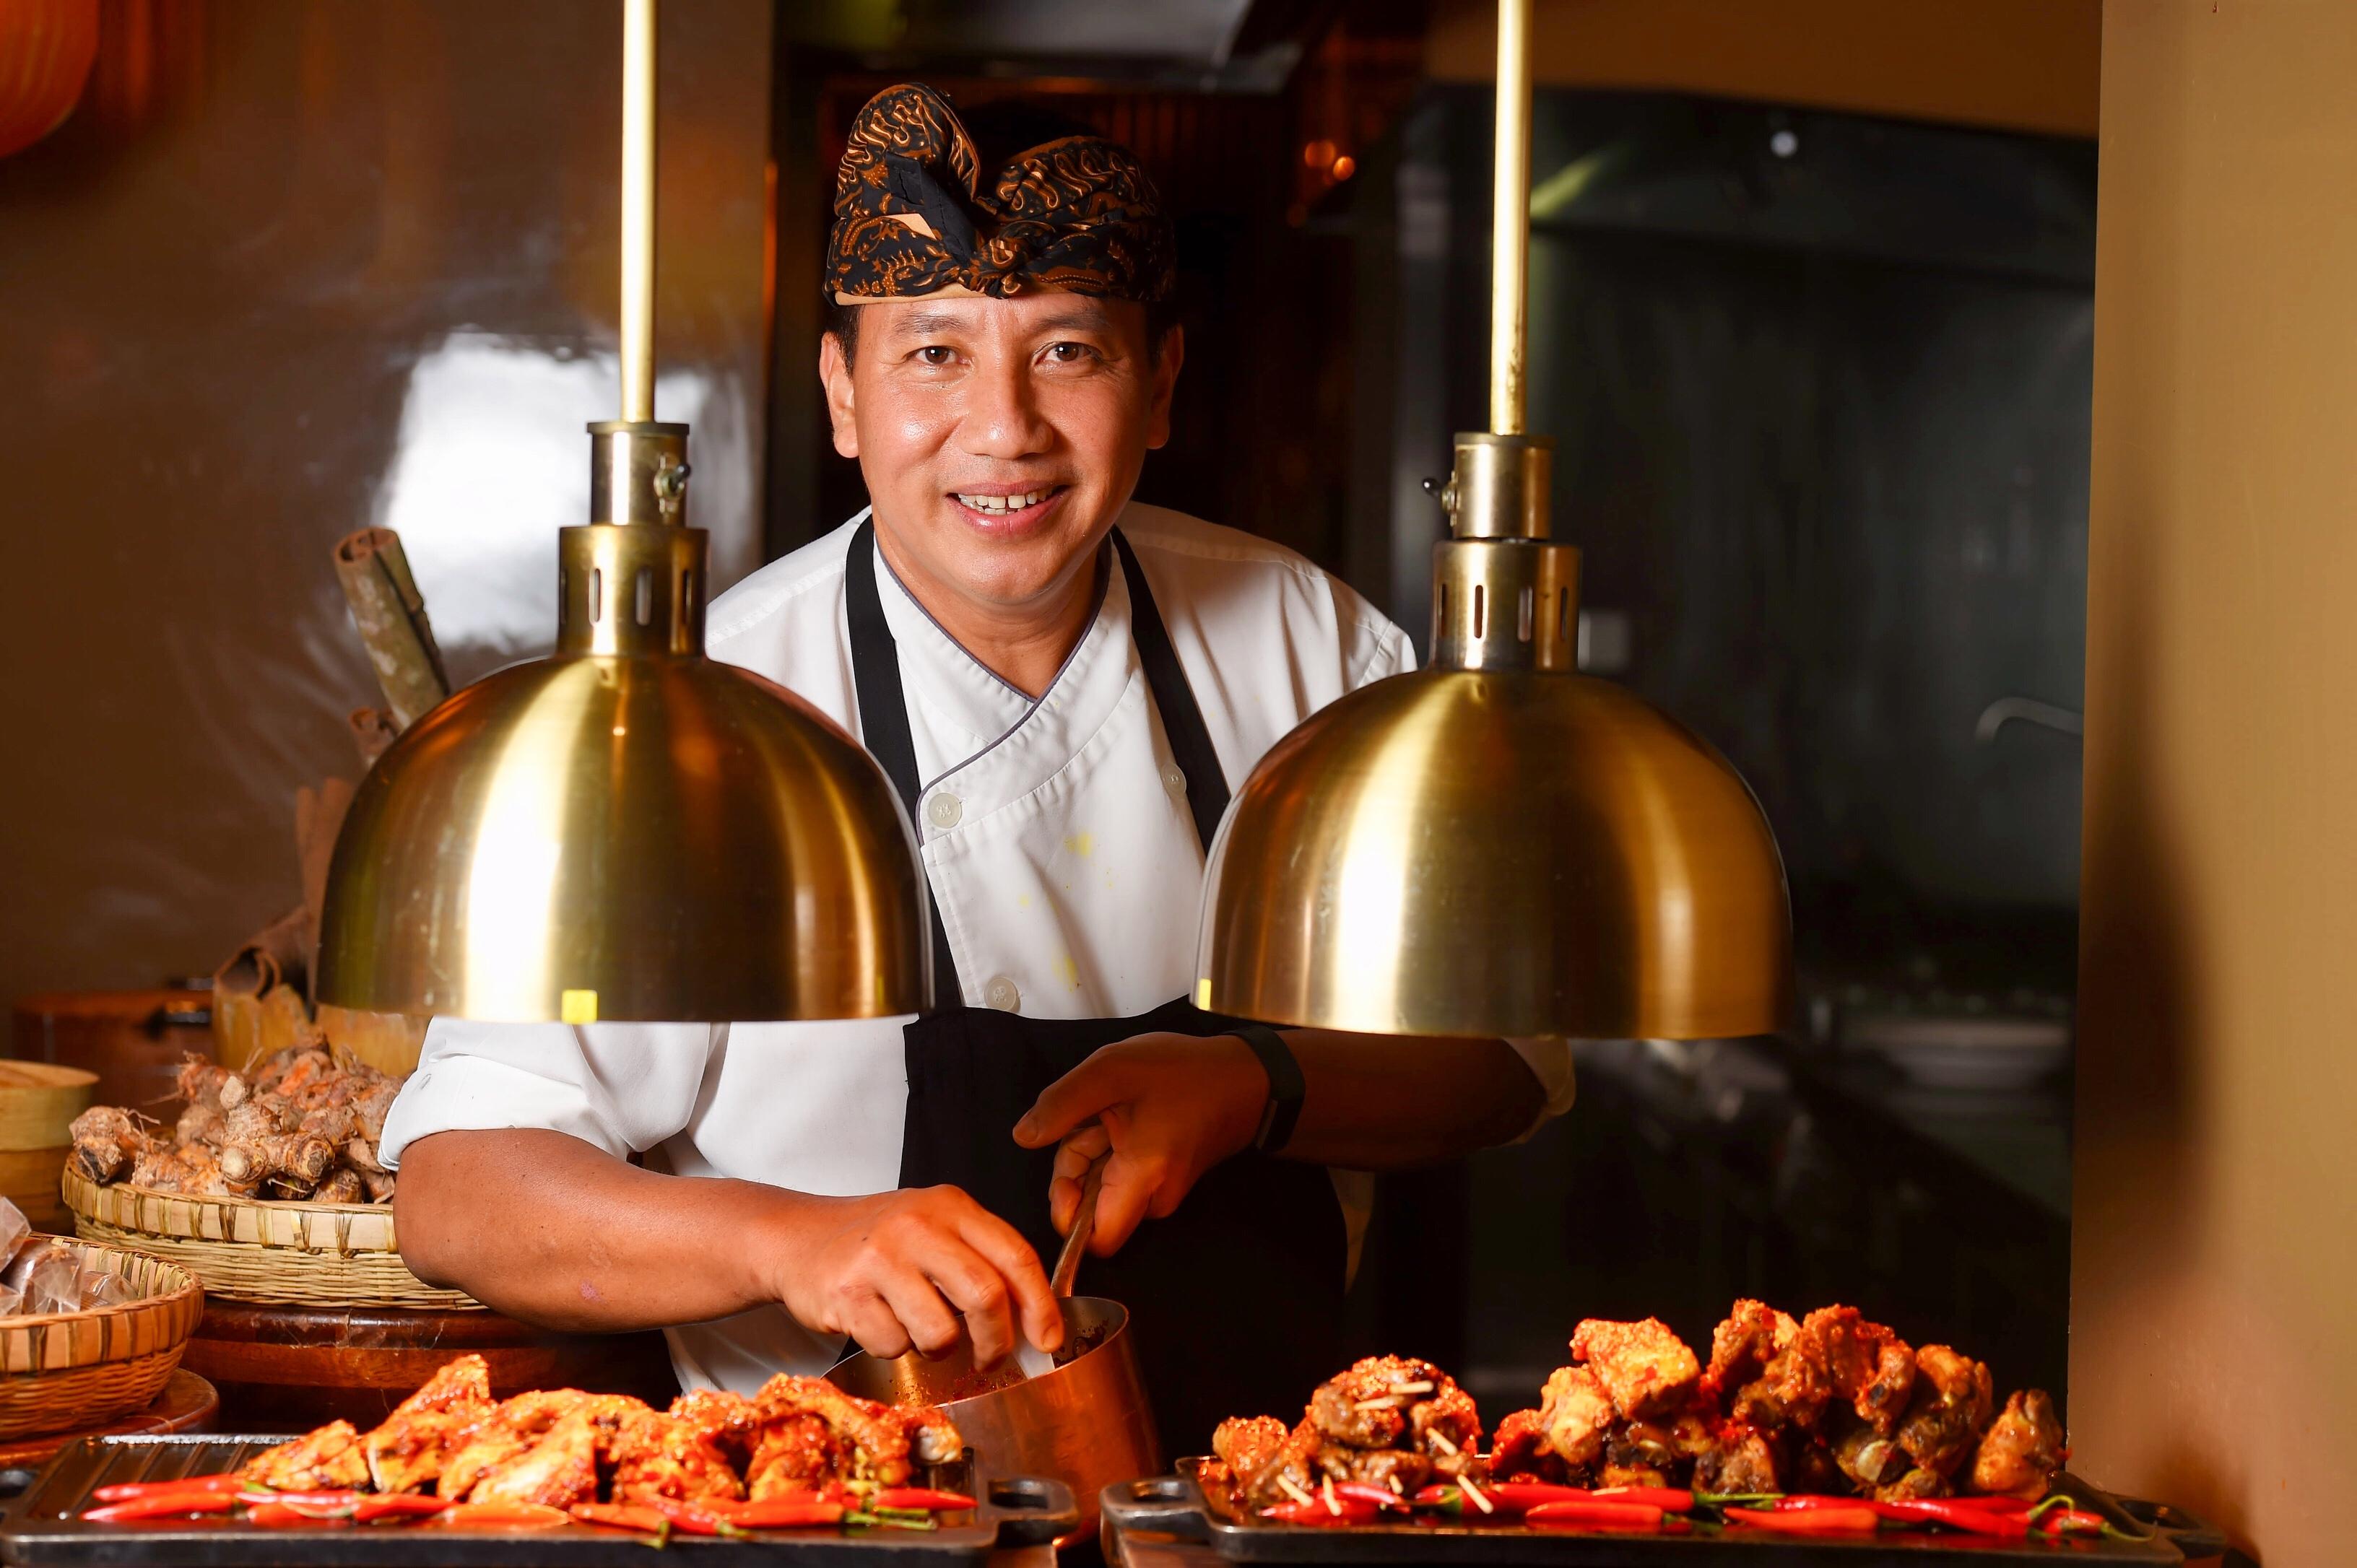 成都富力丽思卡尔顿酒店开启巴厘岛美食水疗体验